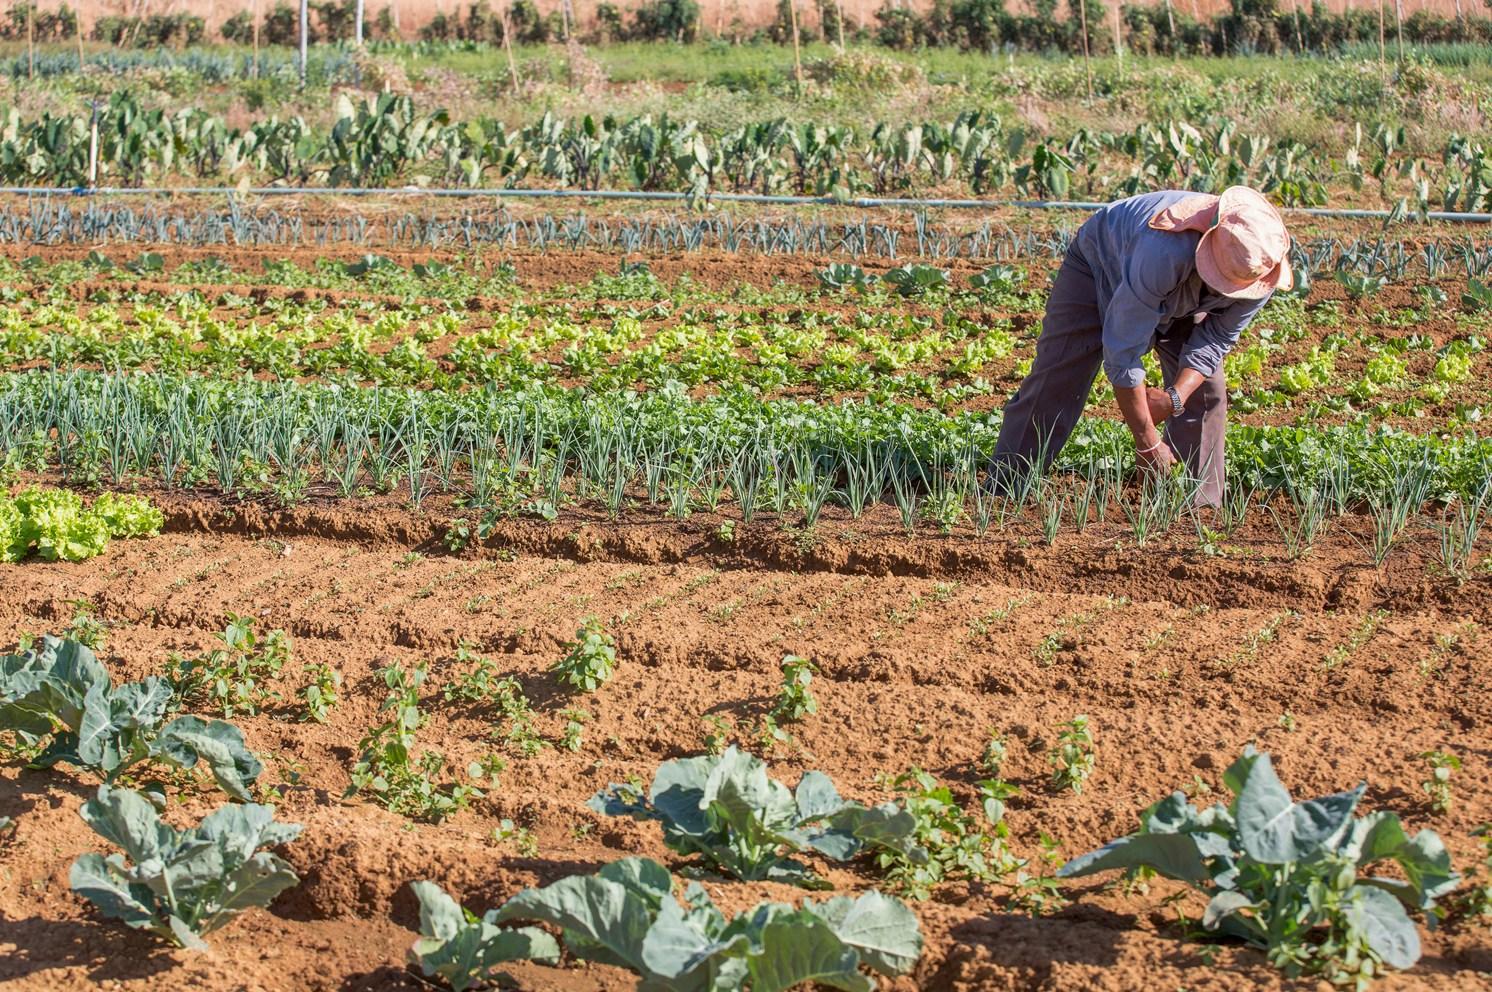 Justiça suspende licenciamento ambiental para limpeza de áreas rurais